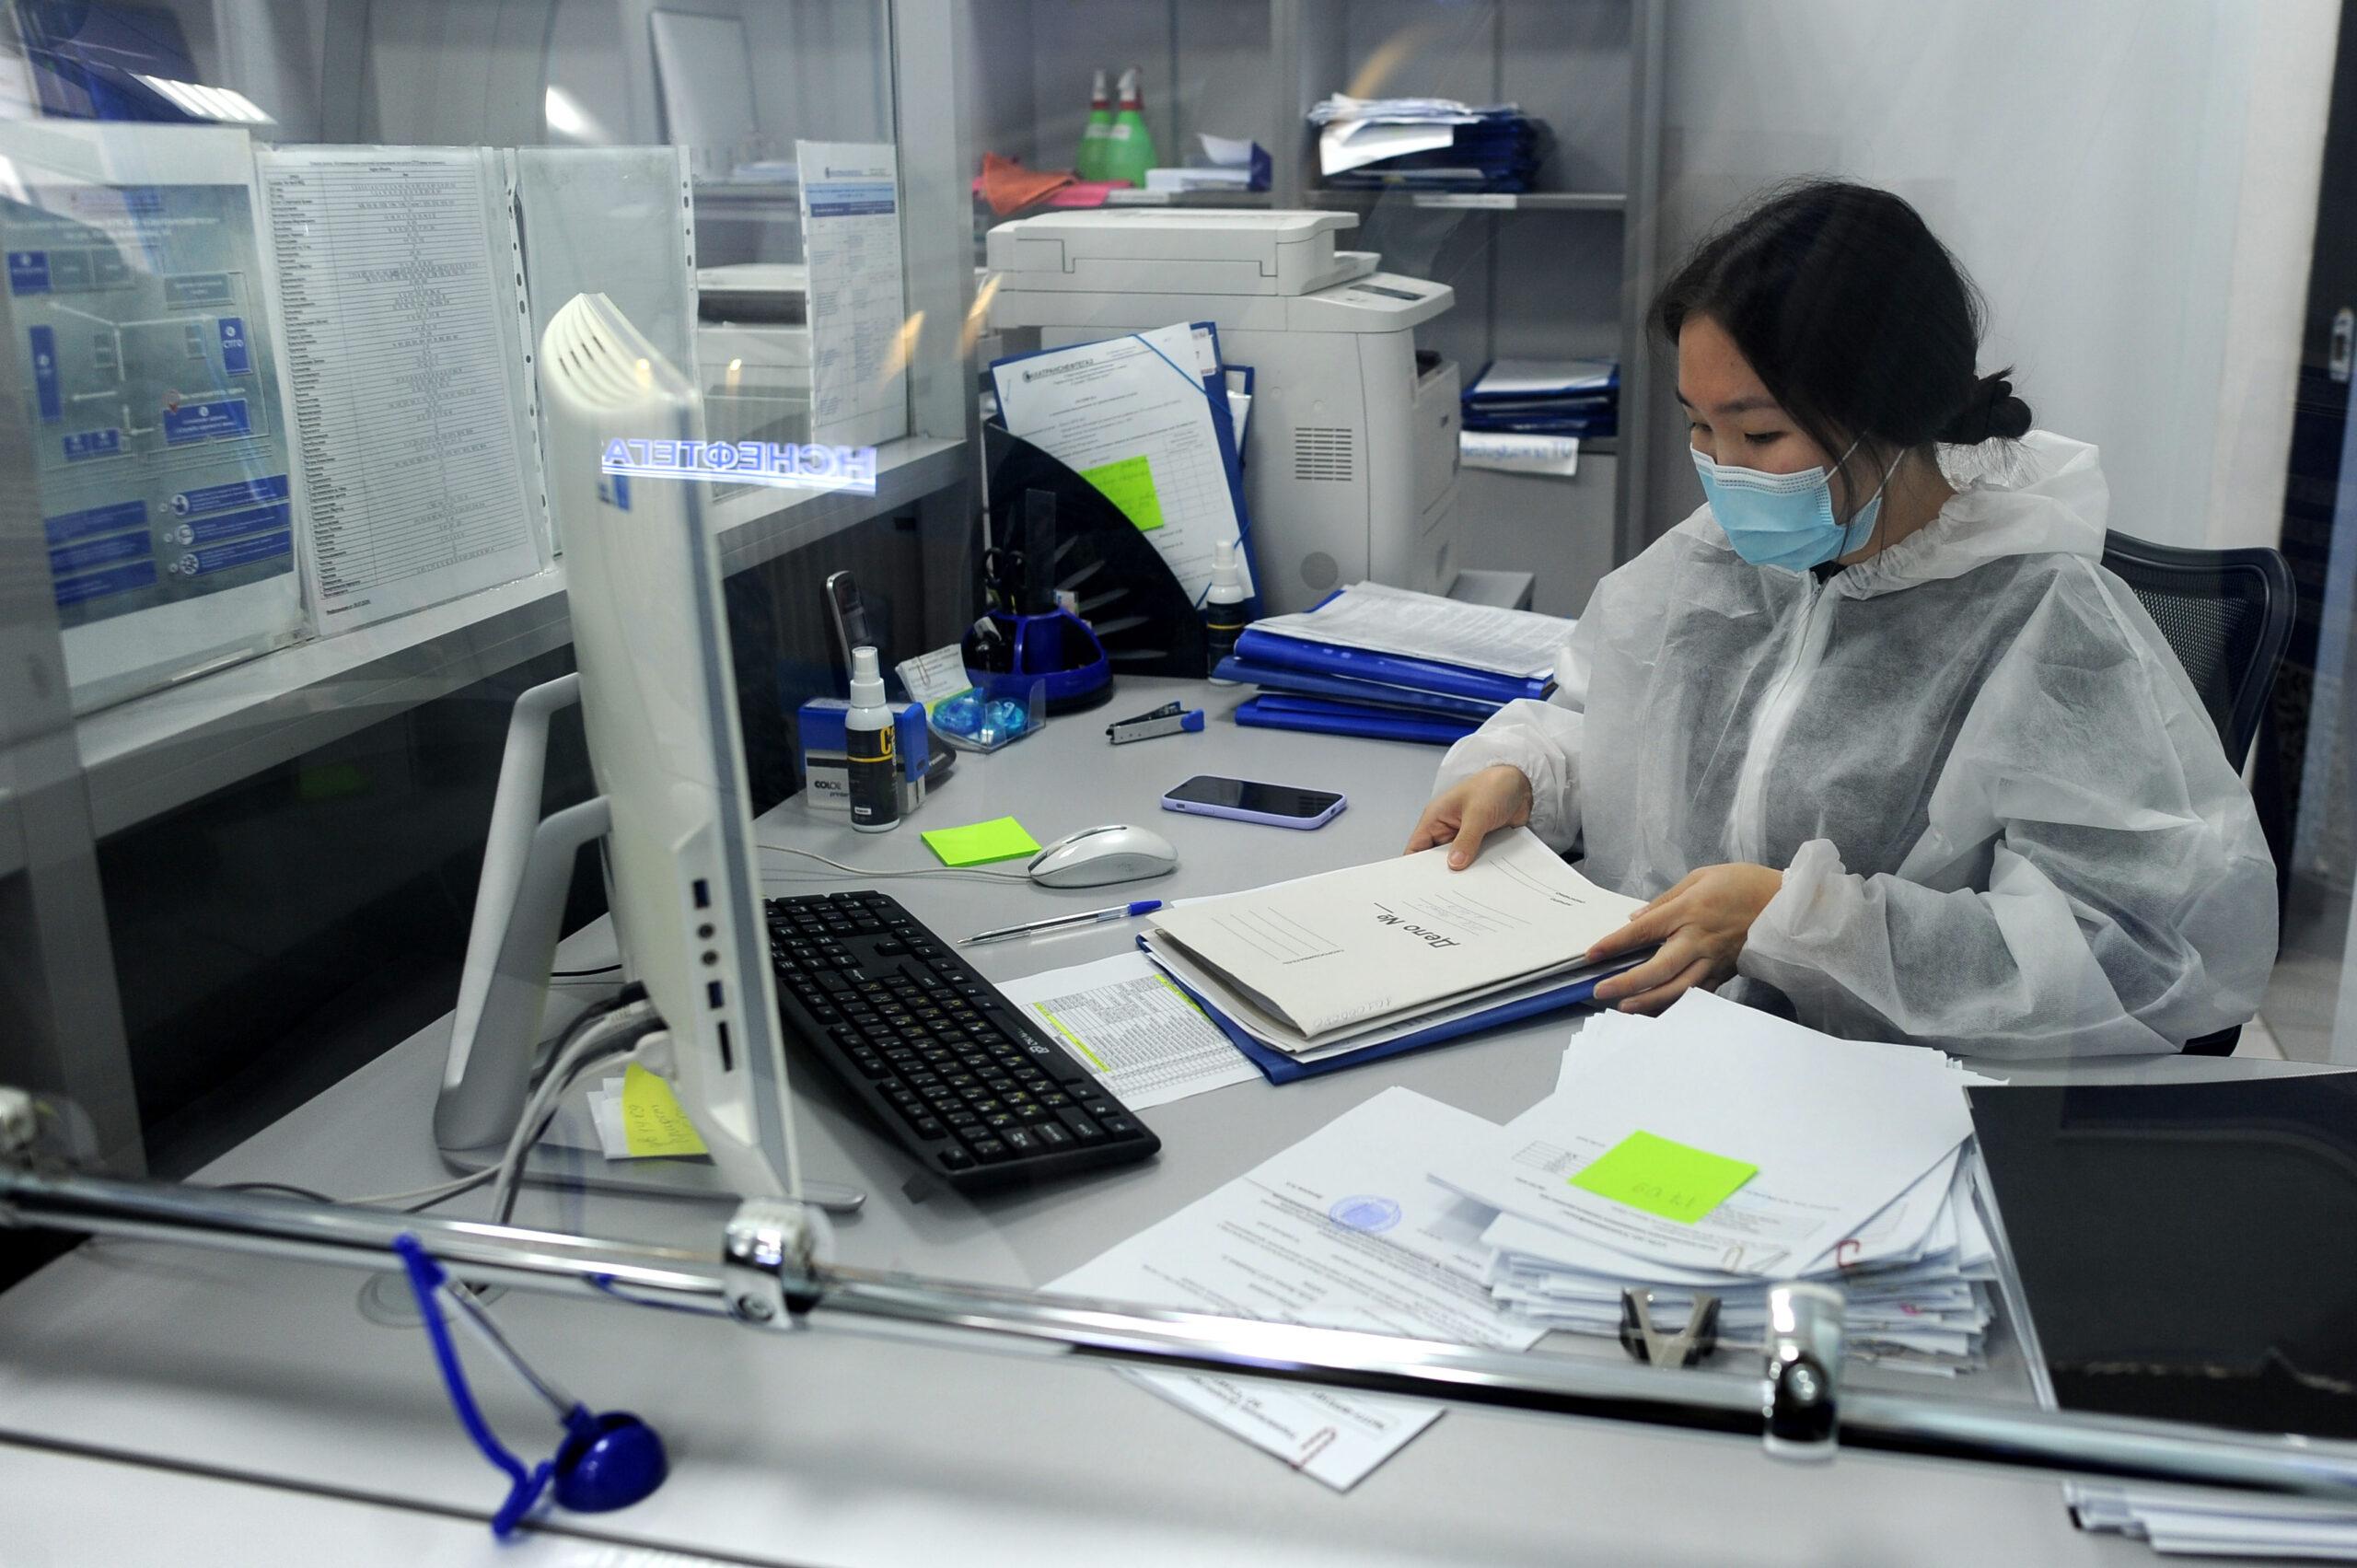 «Здоровье людей - в приоритете». Как промышленники Якутии ведут работу в условиях пандемии?